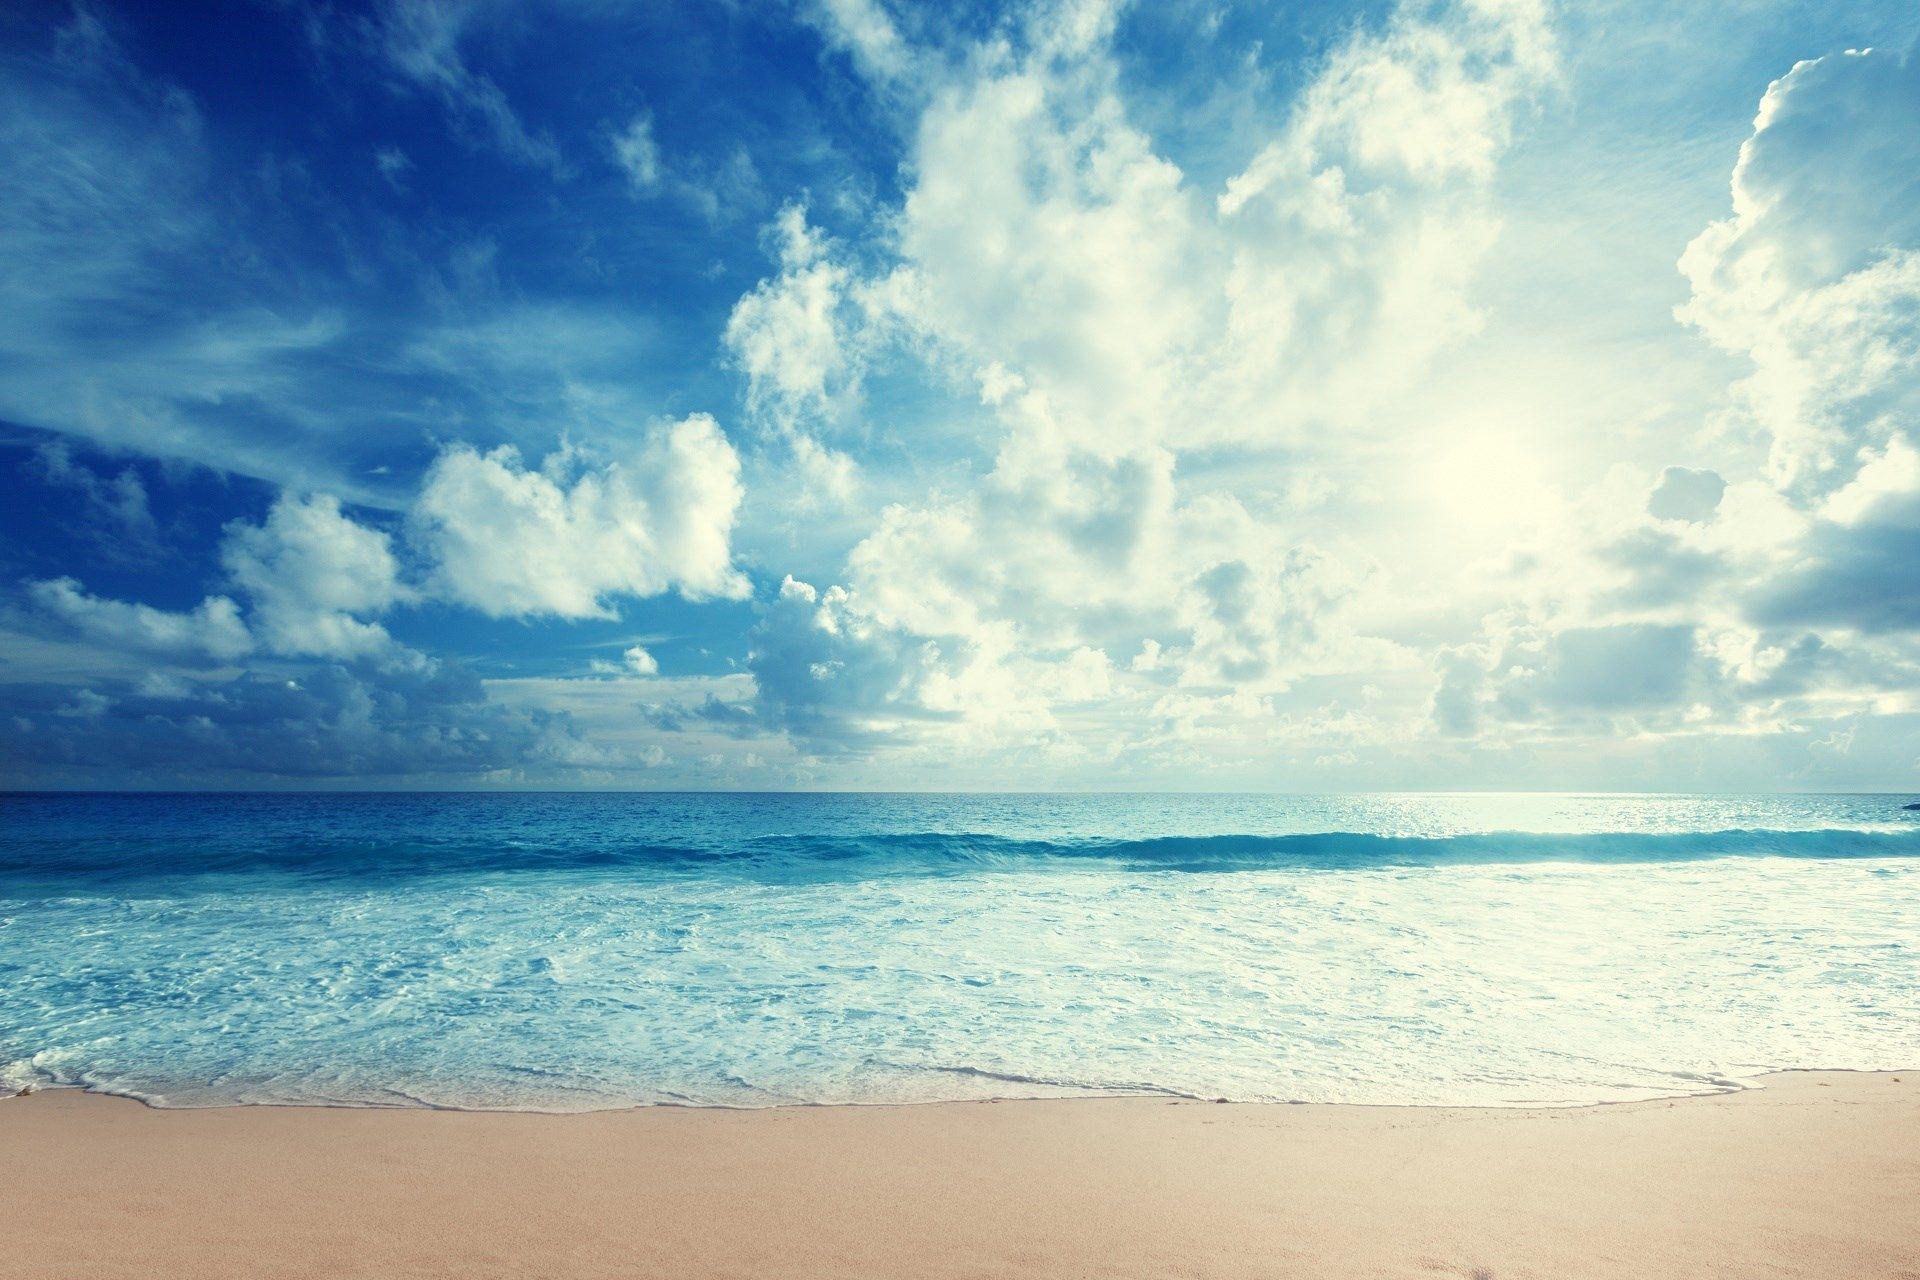 free screensaver wallpapers for beach Wallpaper desktop Beach 1920x1280